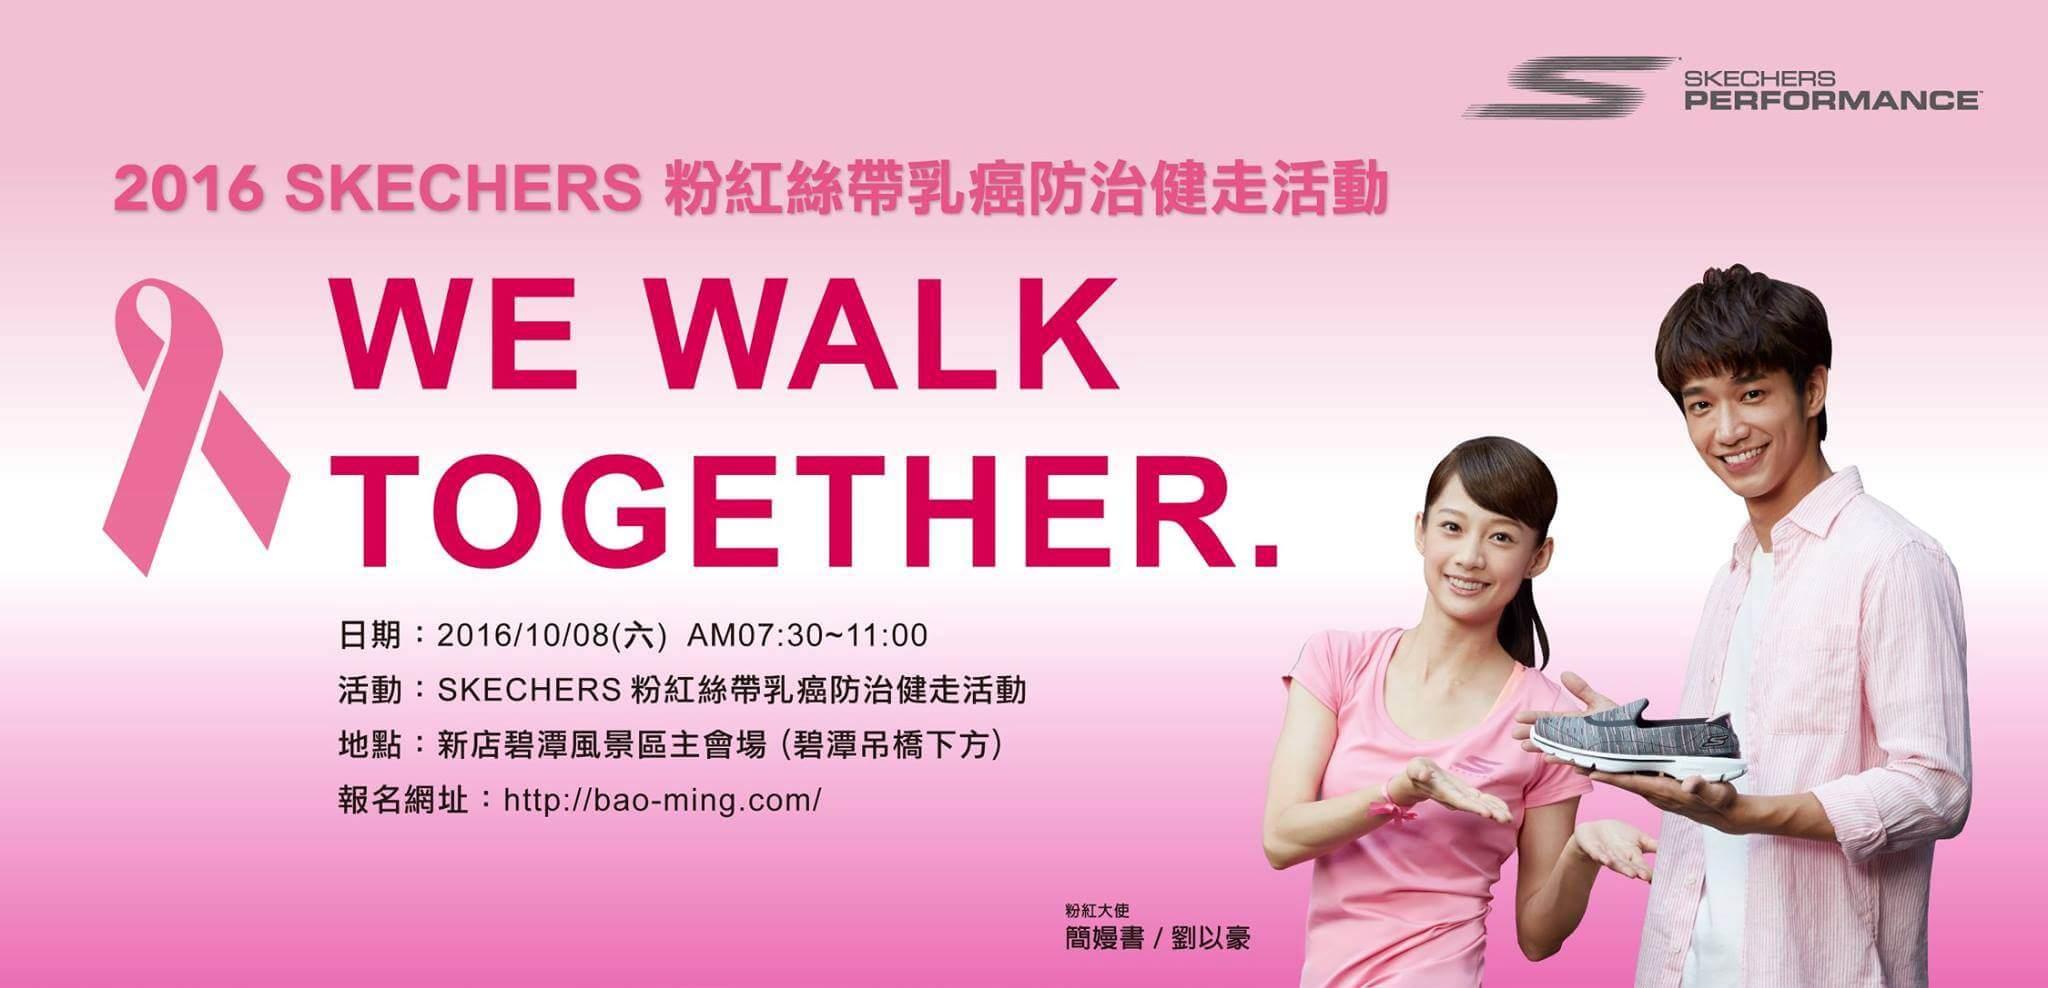 官方新聞 / SKECHERS 粉紅絲帶公益健走活動  力挺乳癌防治